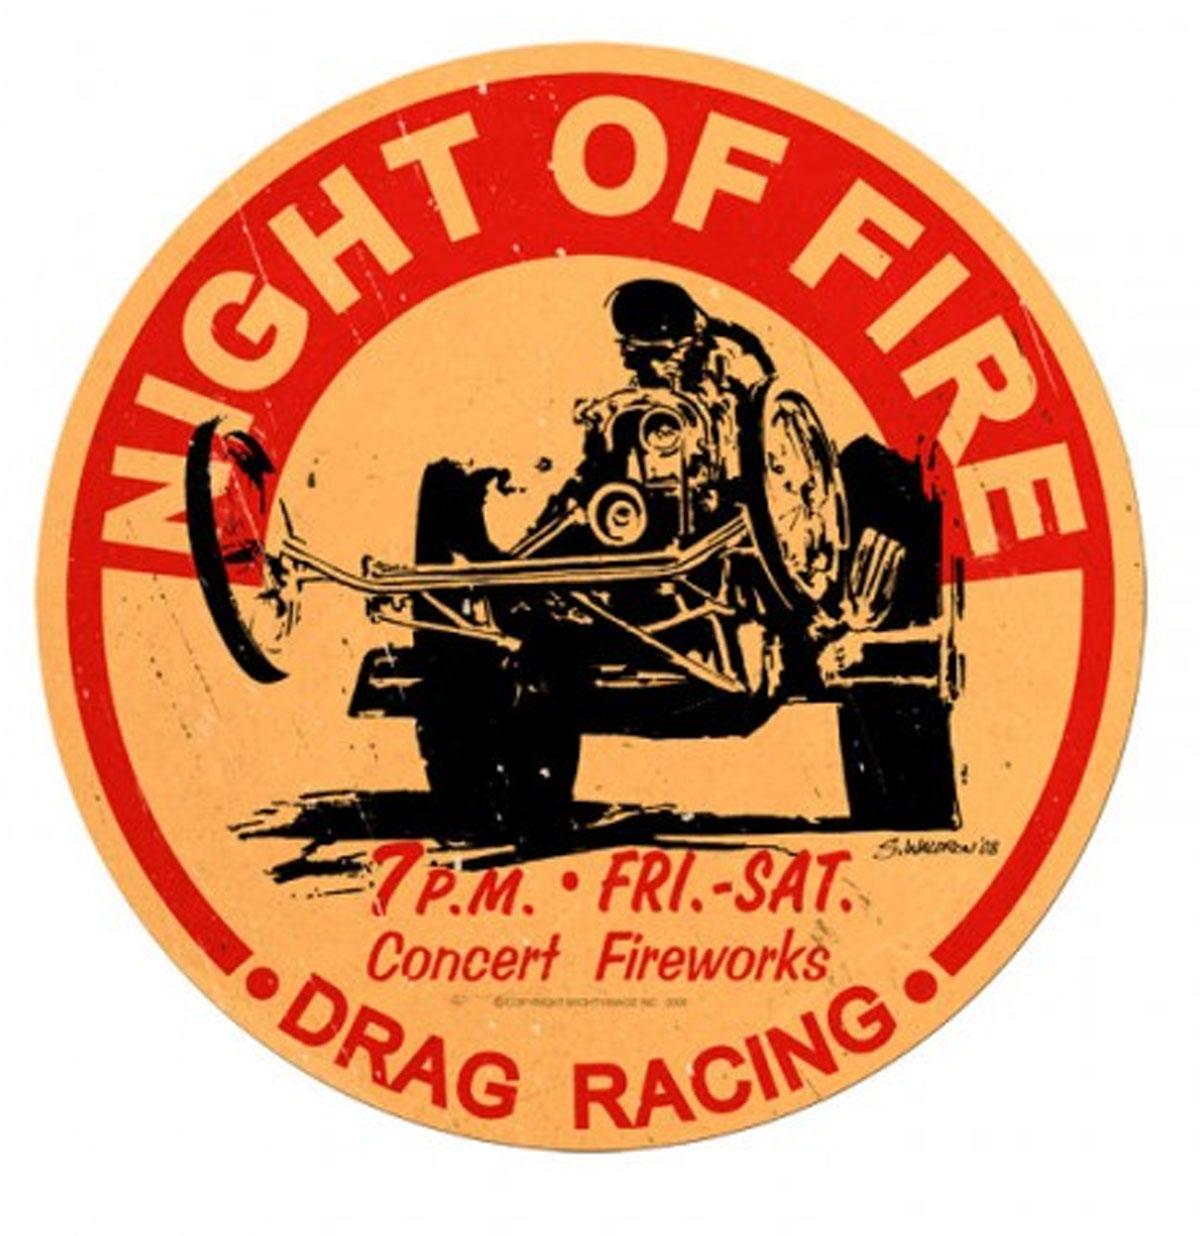 Night Of Fire Drag Racing Rond Zwaar Metalen Bord 35 cm ø